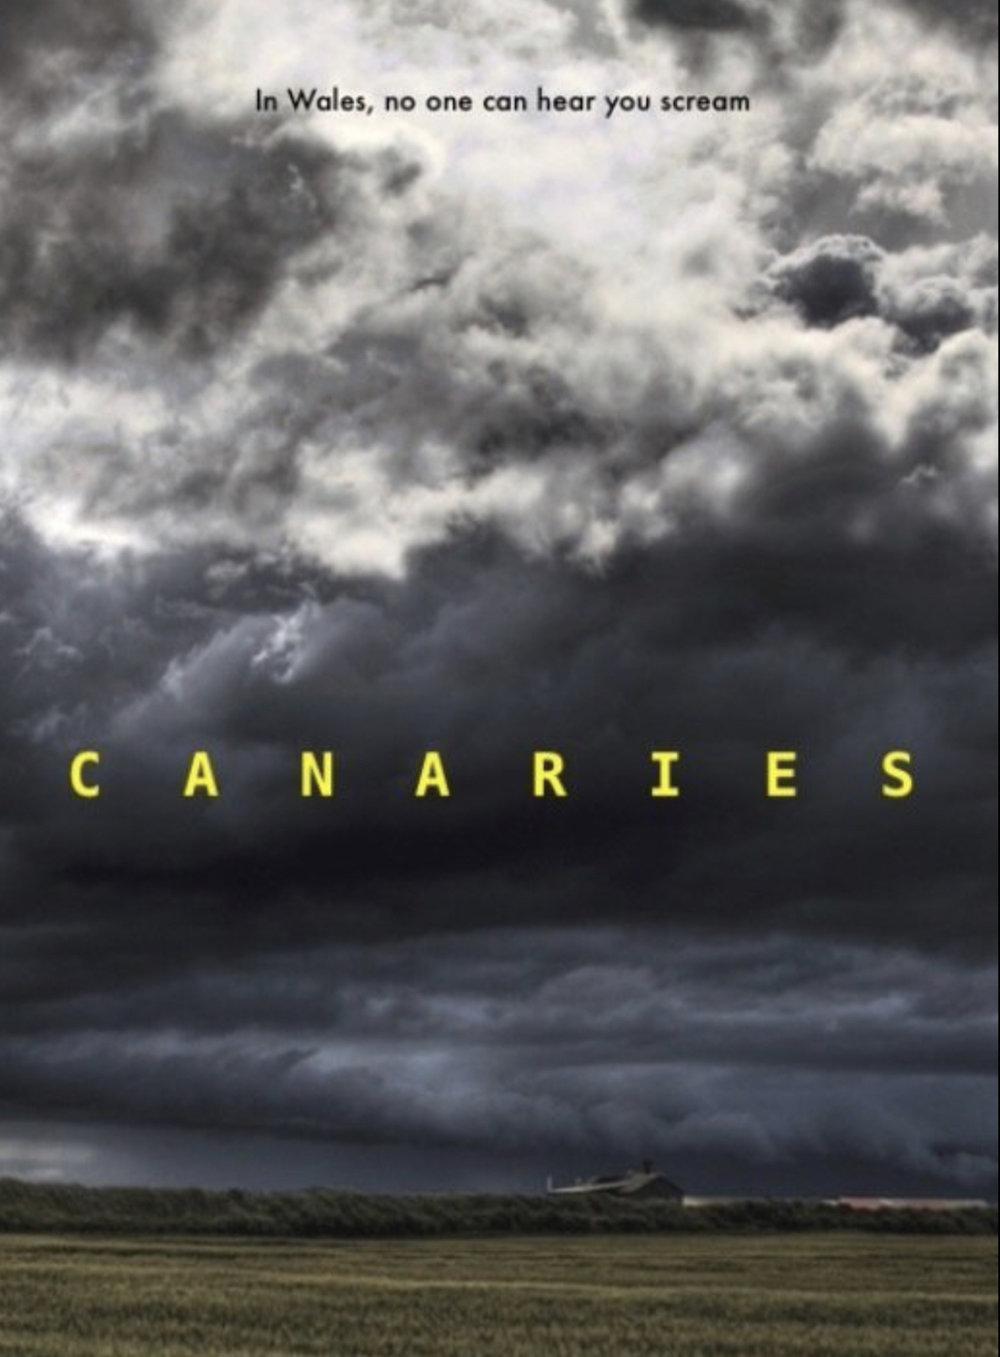 Canaries 21.jpg